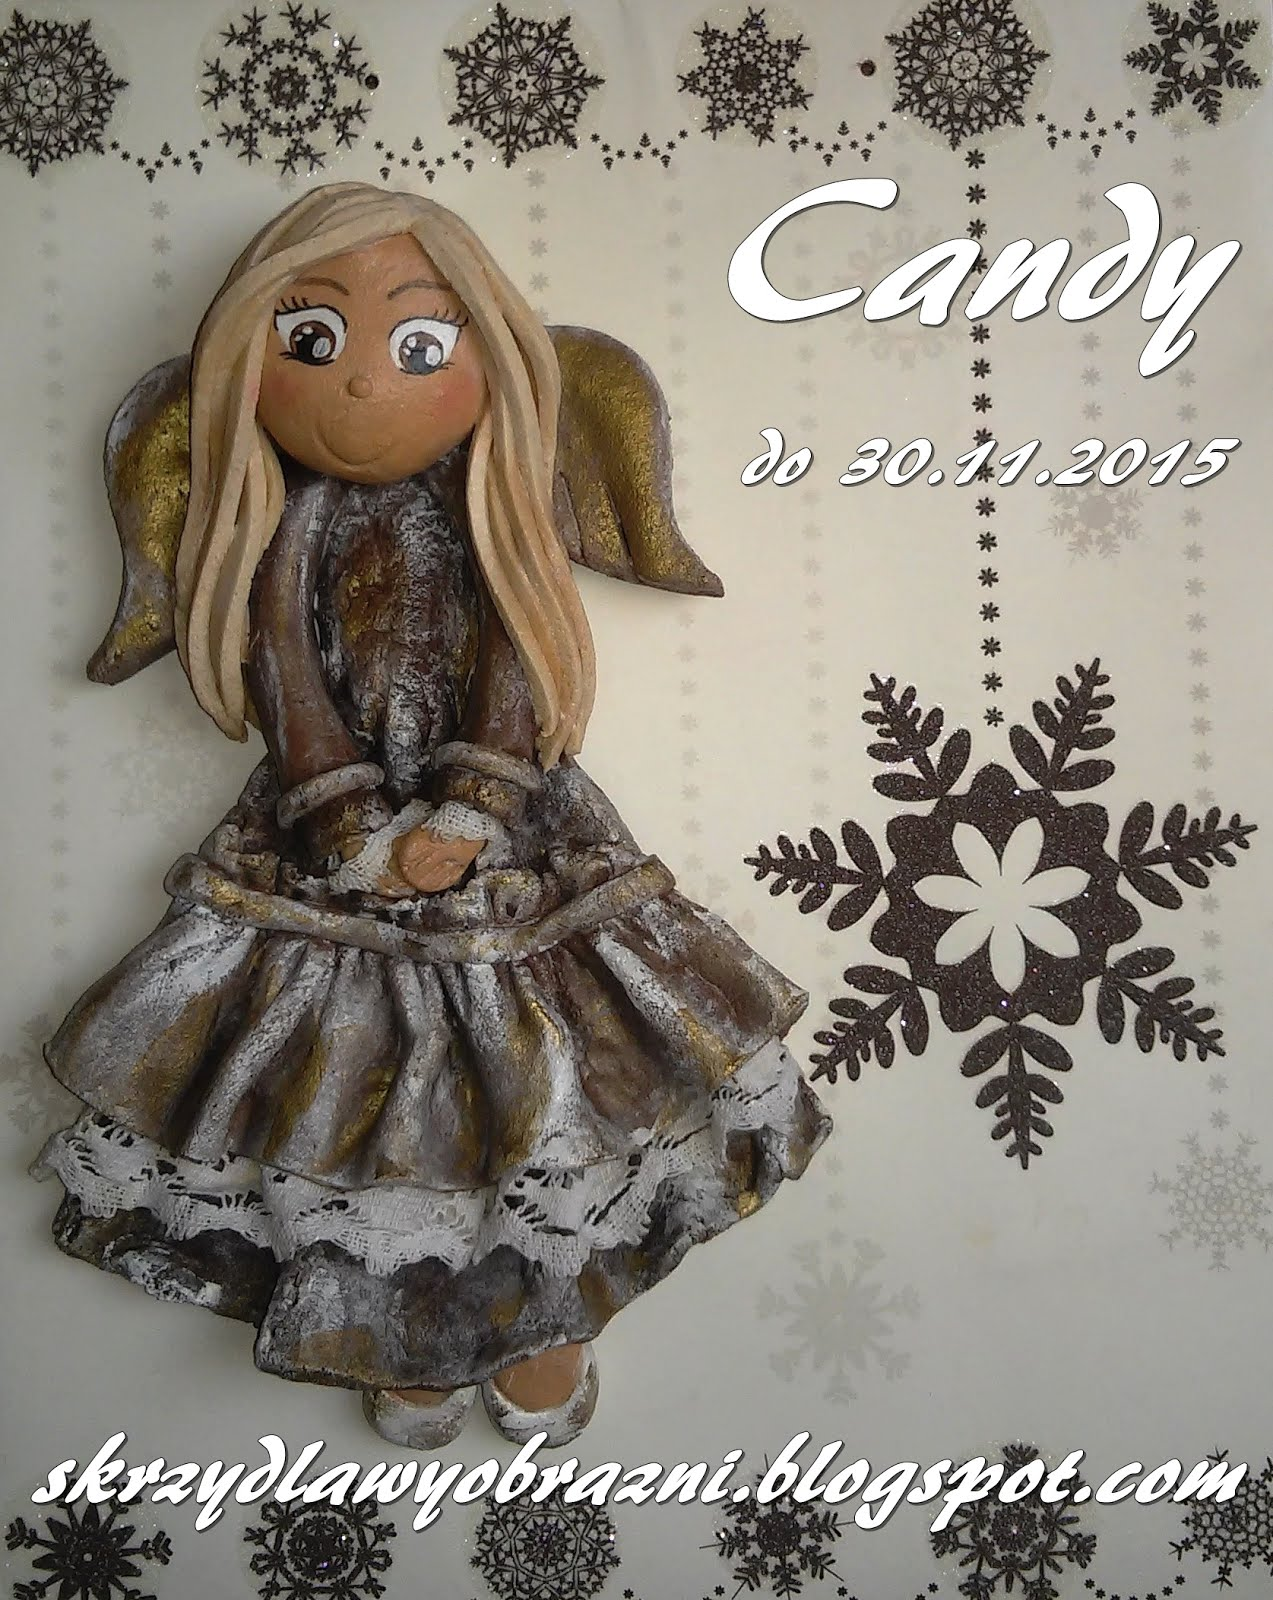 Moje Candy - zakończone